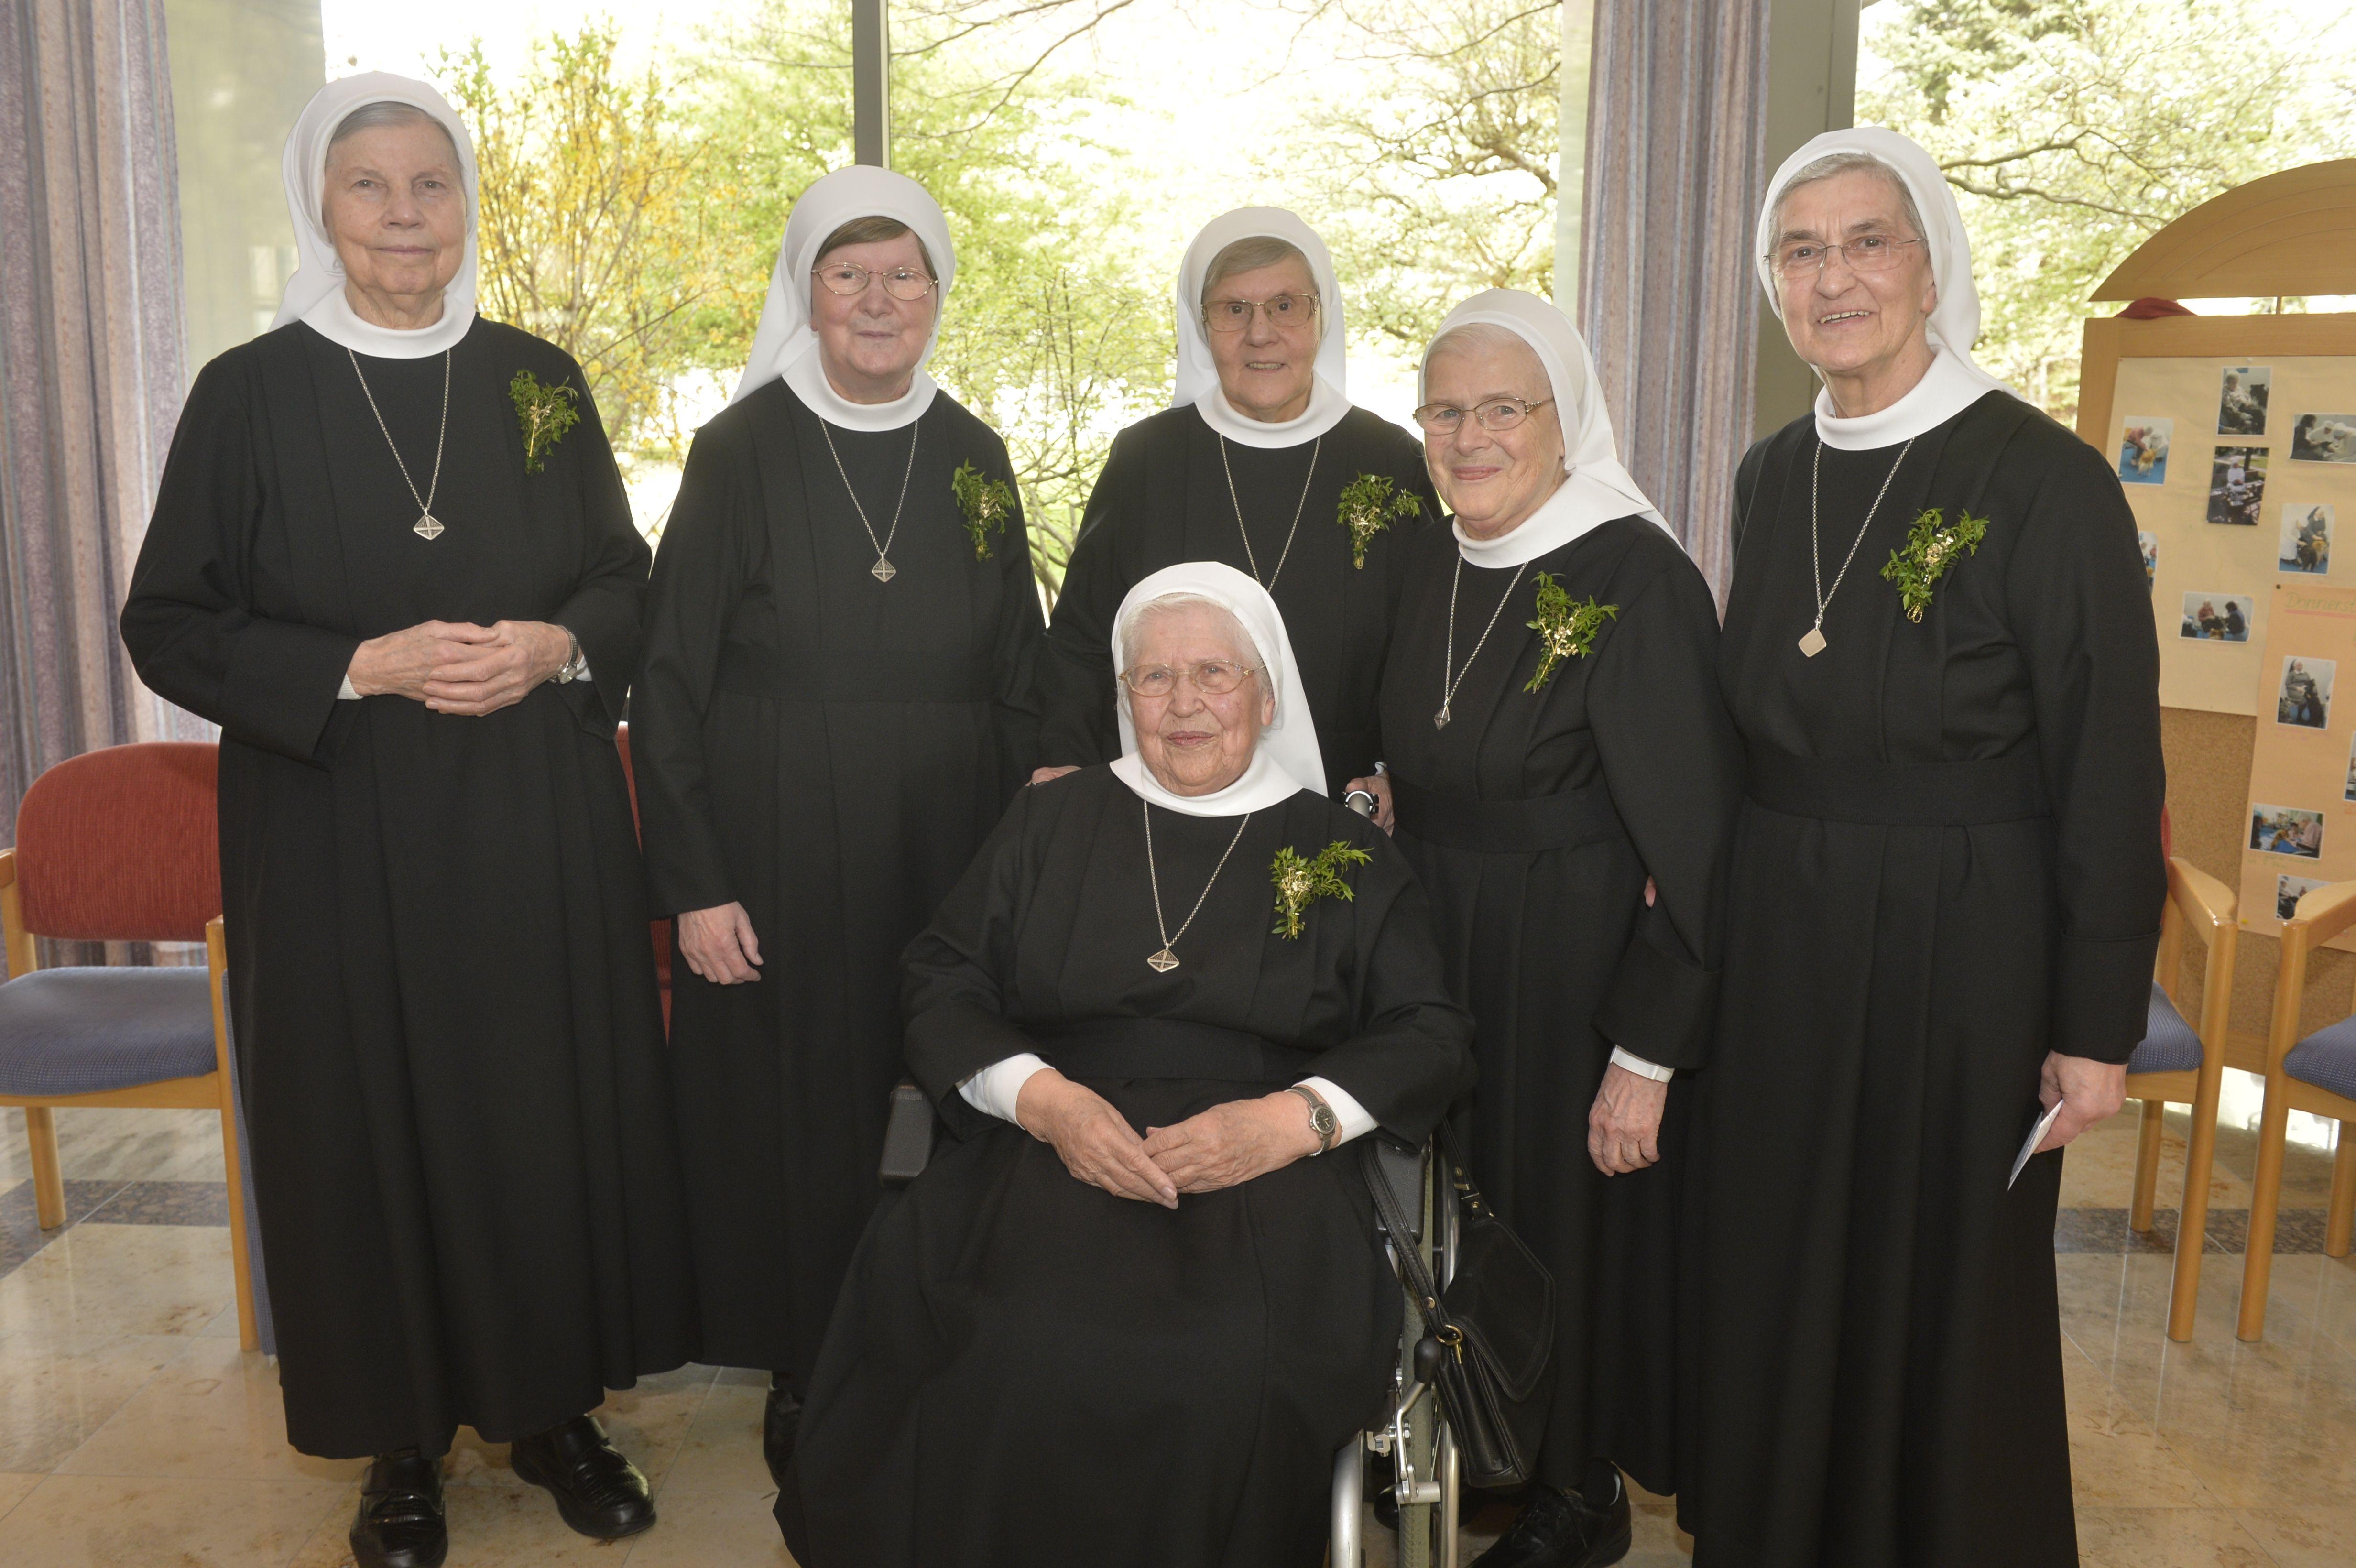 Acht Schwestern aus dem Waldsanatorium feierten Professjubiläum